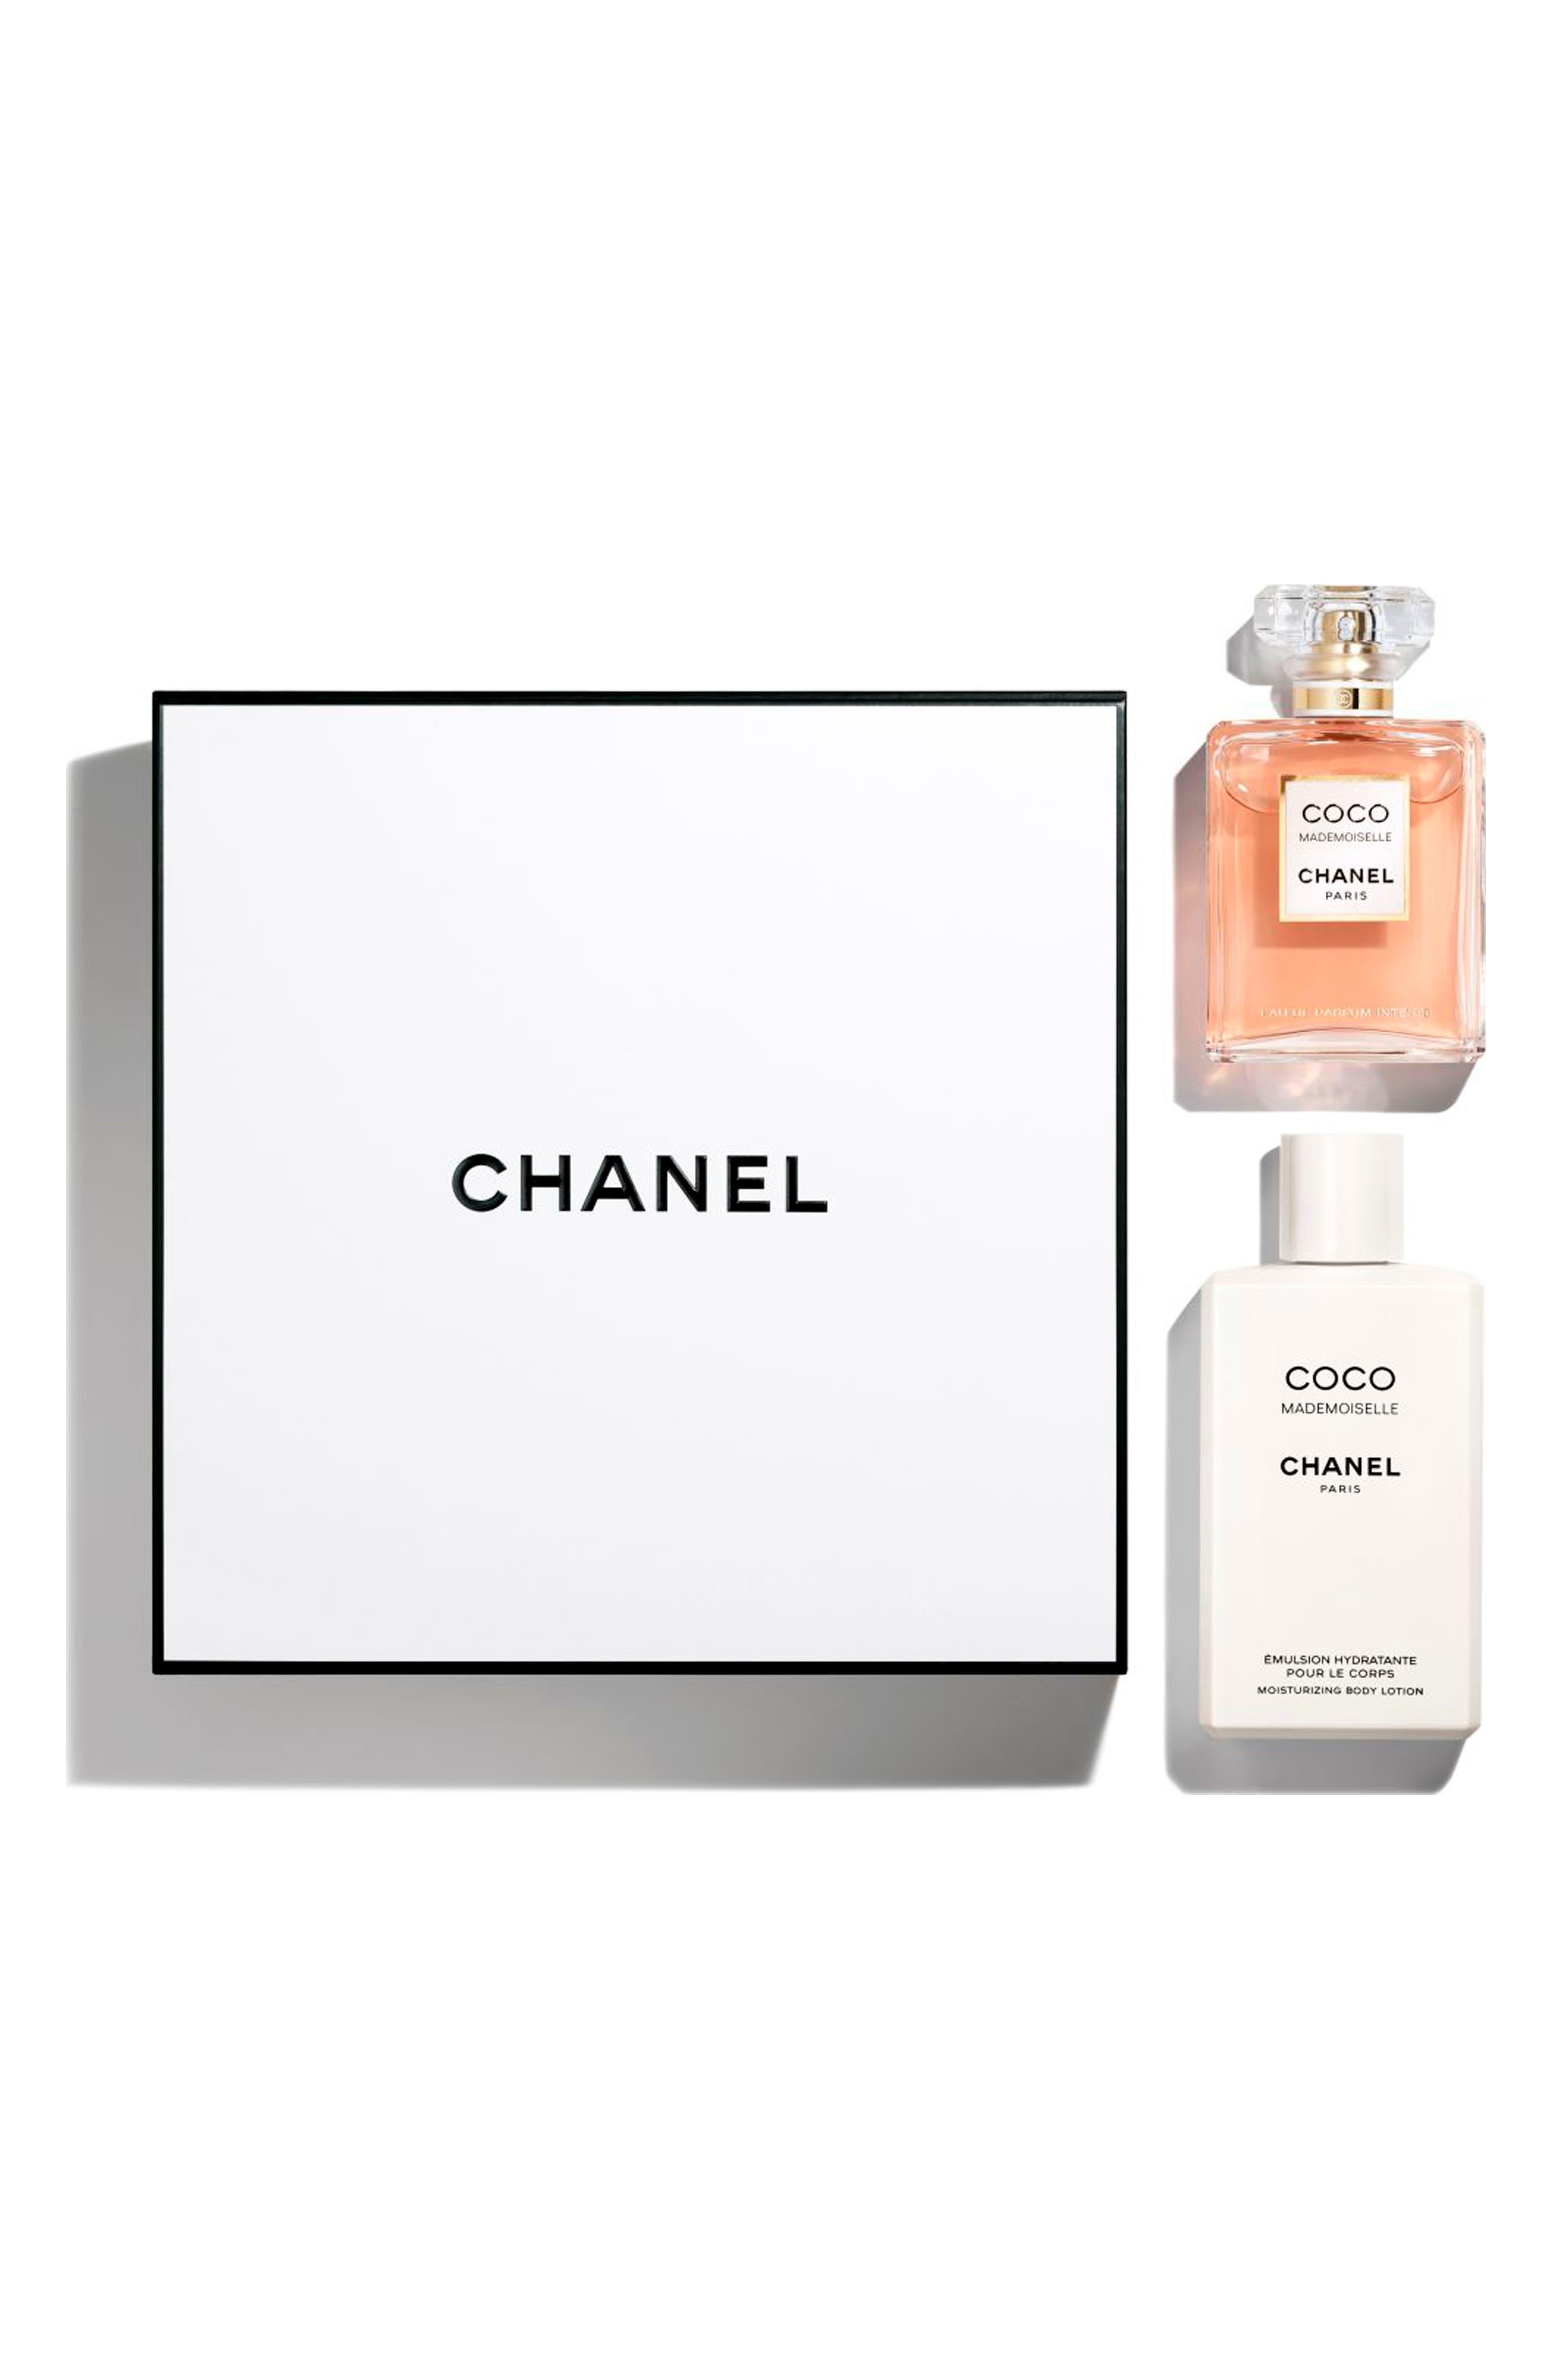 CHANEL COCO MADEMOISELLE Eau de Parfum Intense Set | Nordstrom